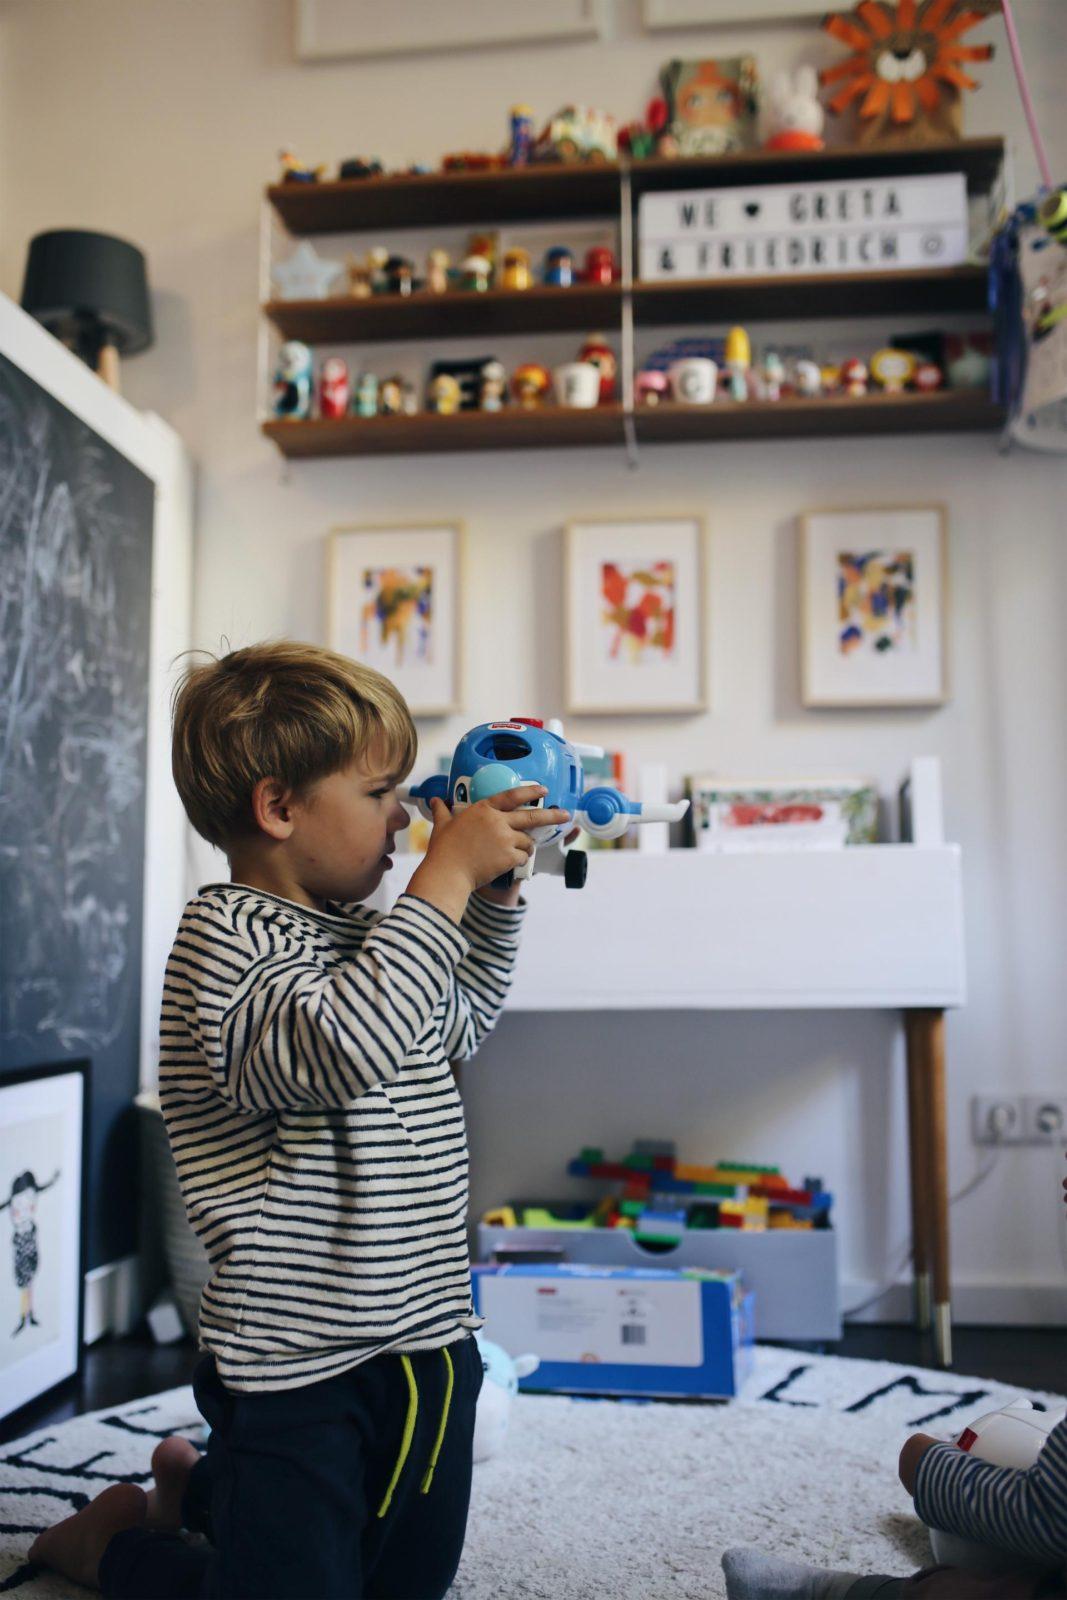 Wir fliegen bis zum Mond und den Sternen im neuen Kinderzimmer #FisherPrice #2in1TraumbärchenSpieluhr #LittlePeopleFlugzeug | Pinspiration.de